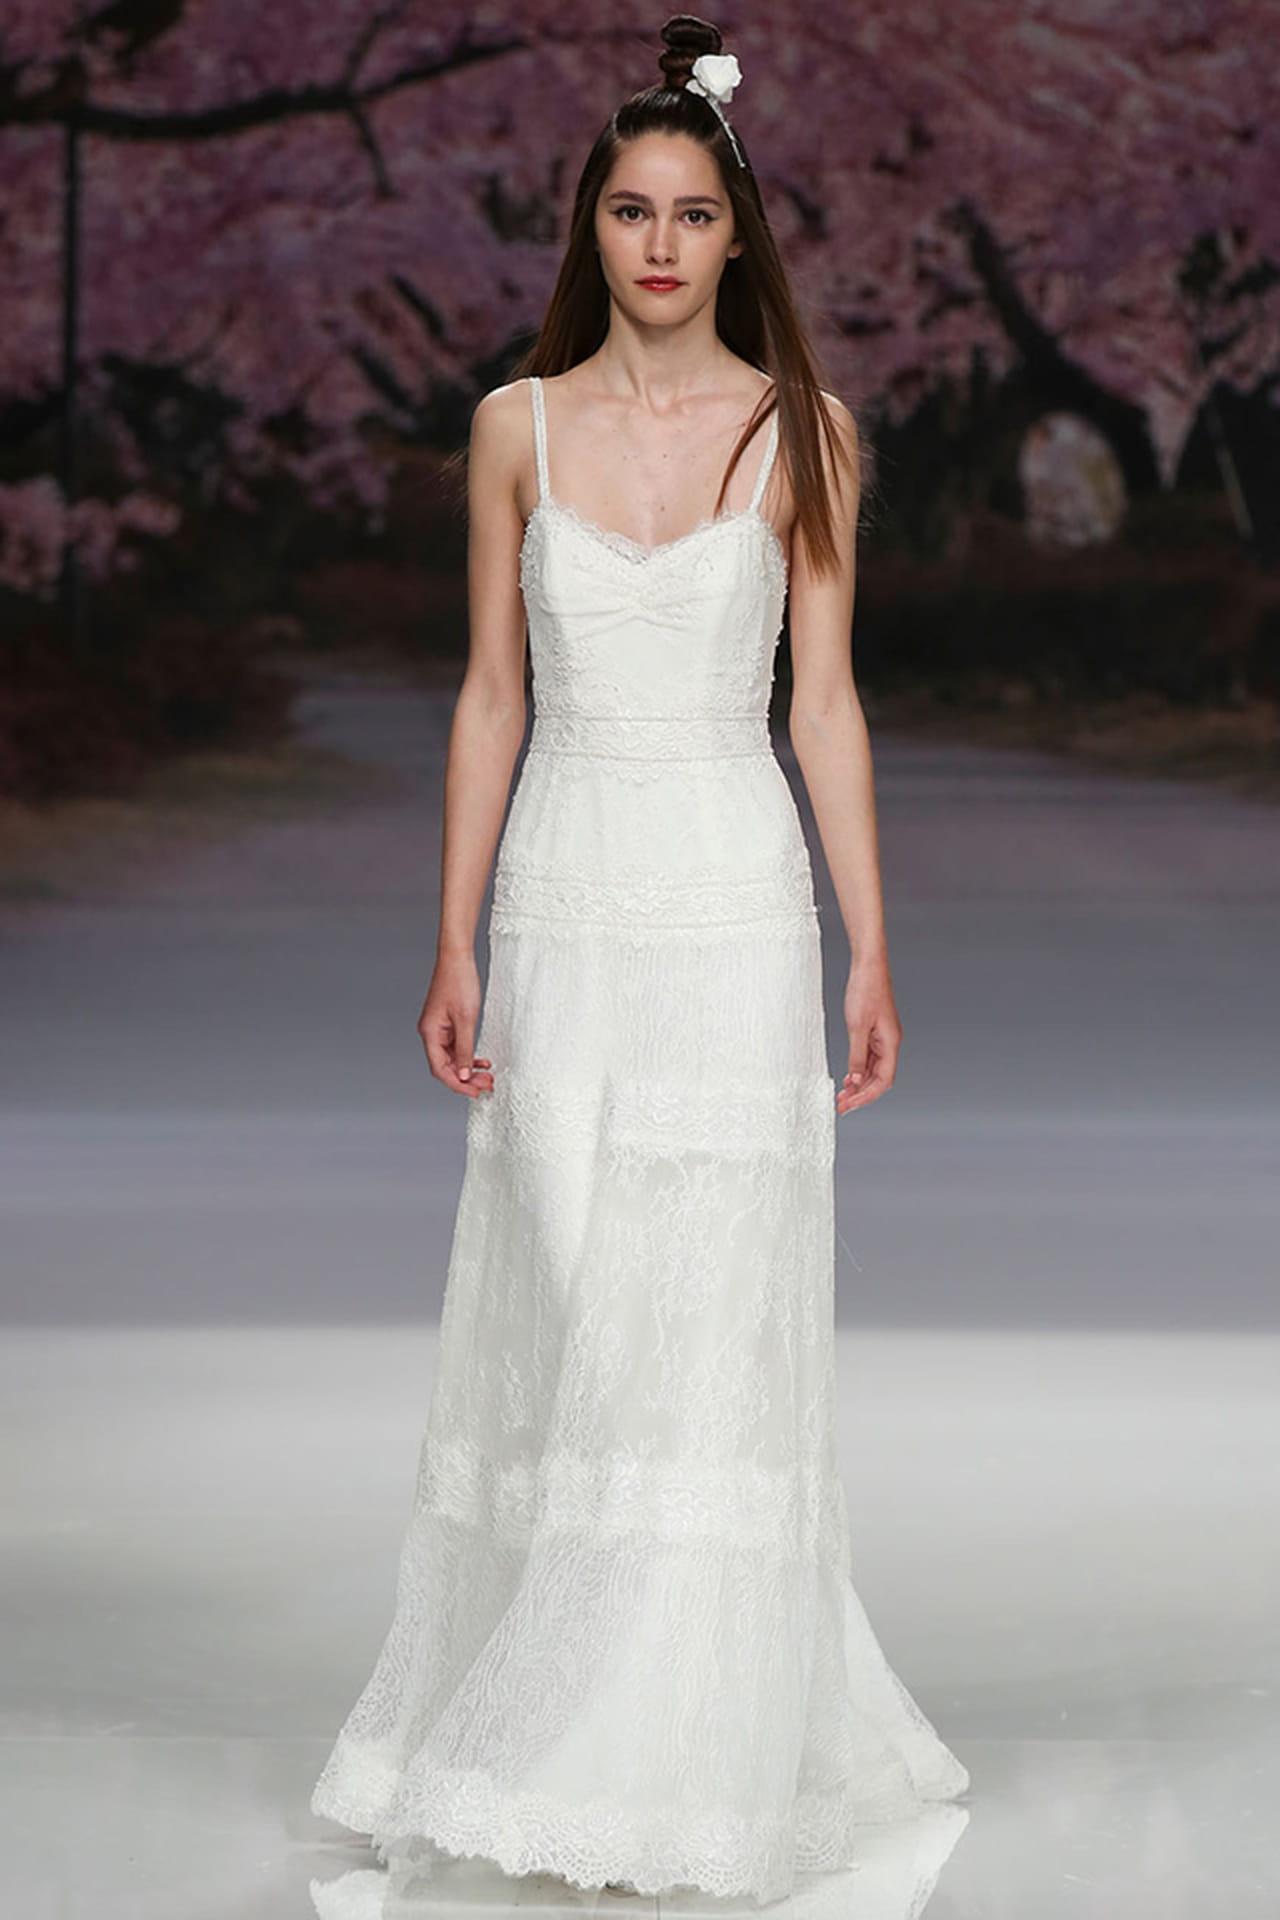 Vestido de noiva simples de alcinha